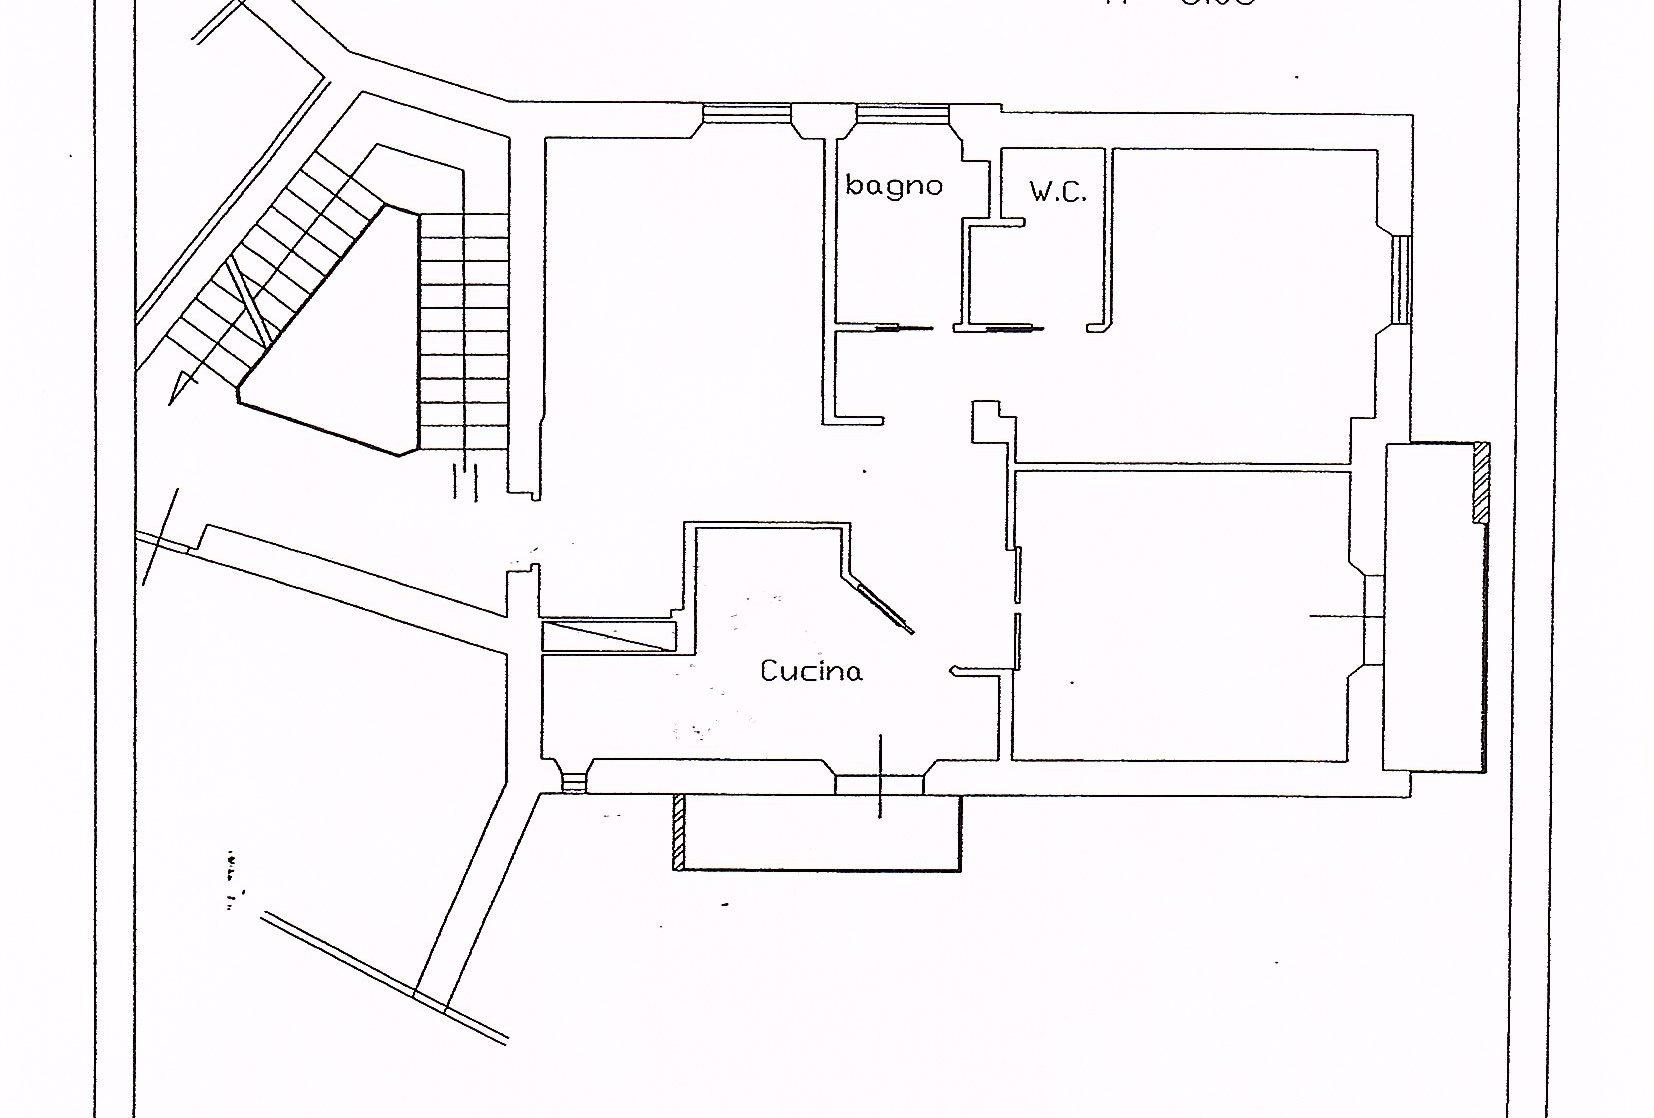 Appartamento in vendita a Cosenza, 3 locali, zona Località: Città2000, prezzo € 95.000 | CambioCasa.it